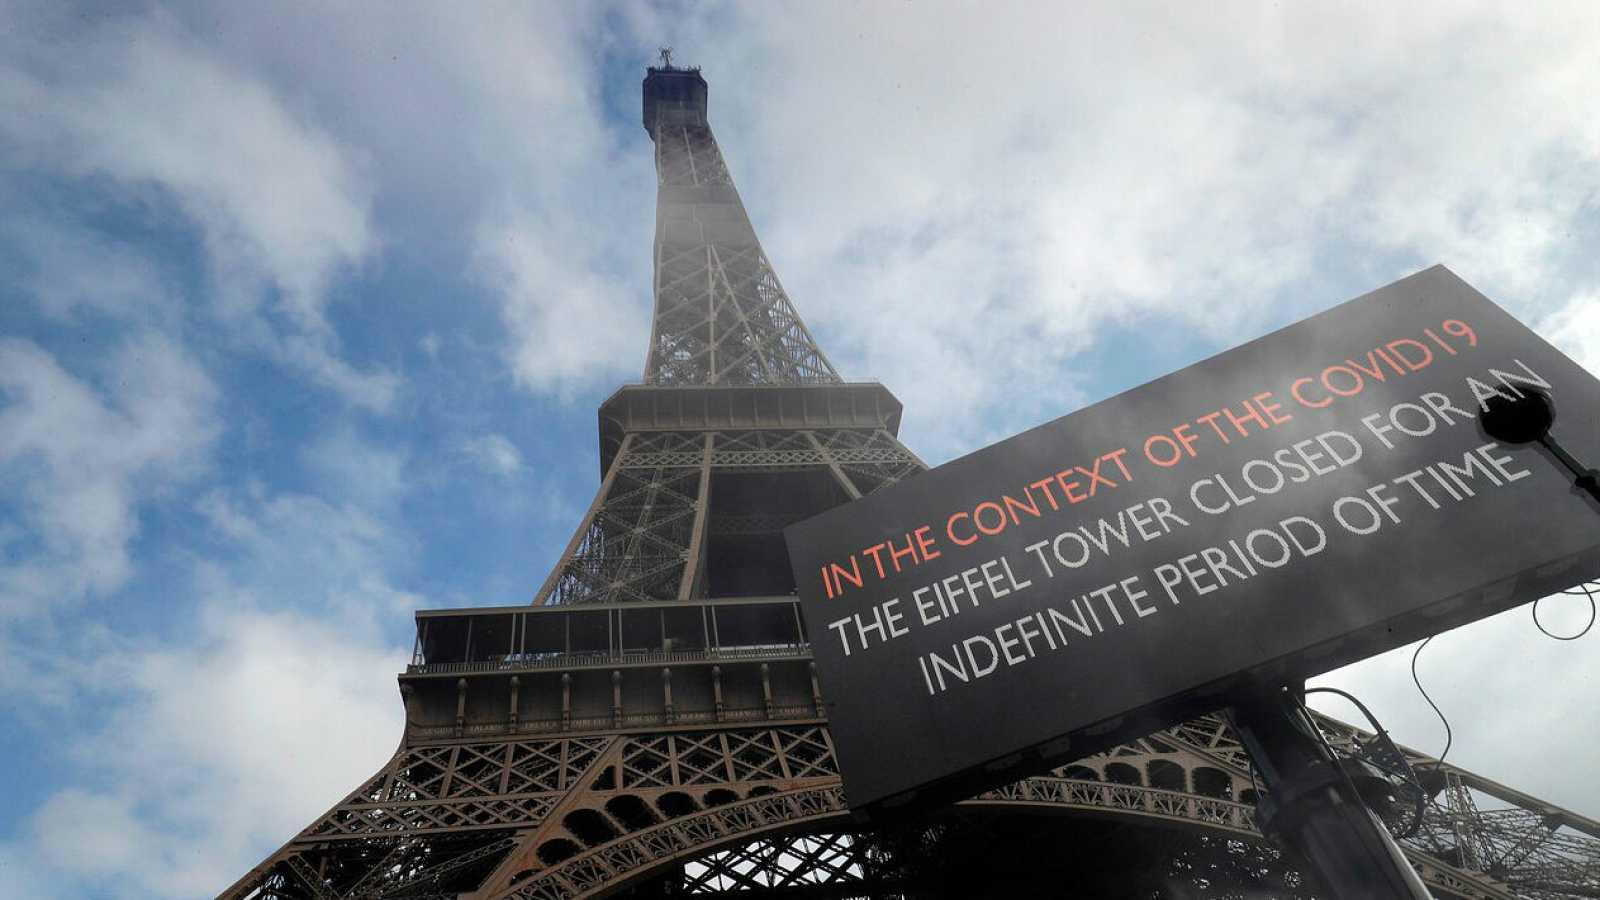 Cartel en la Torre Eiffel en la que advierte de su cierre por el coronavirus